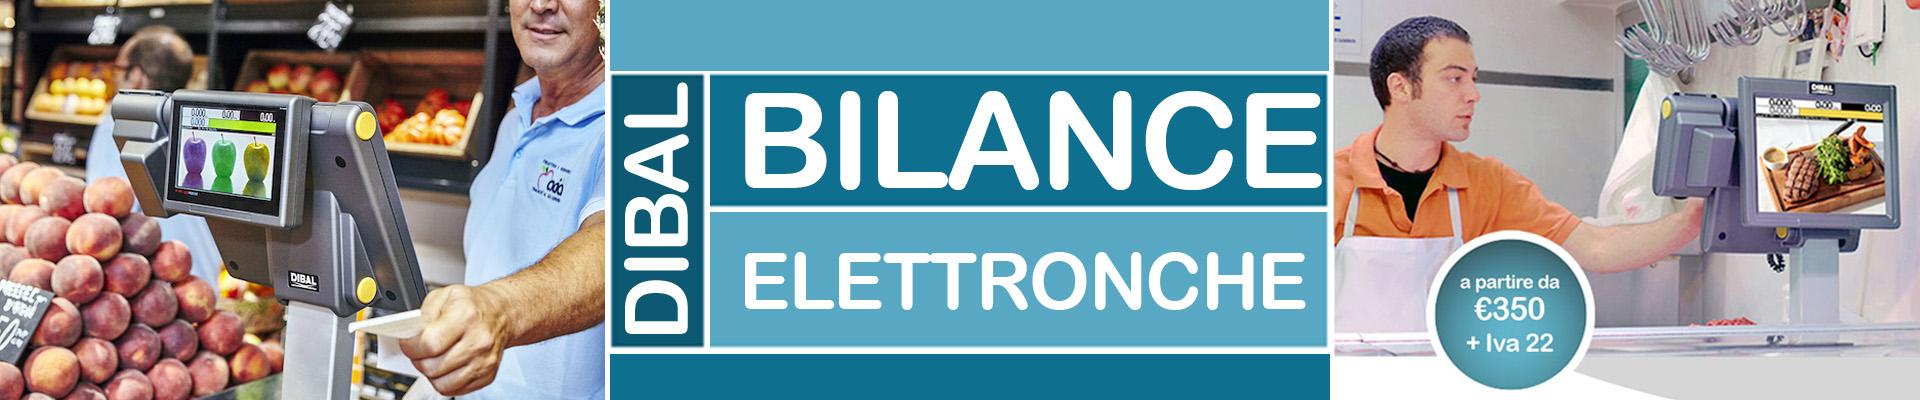 bilance elettroniche torino e provincia